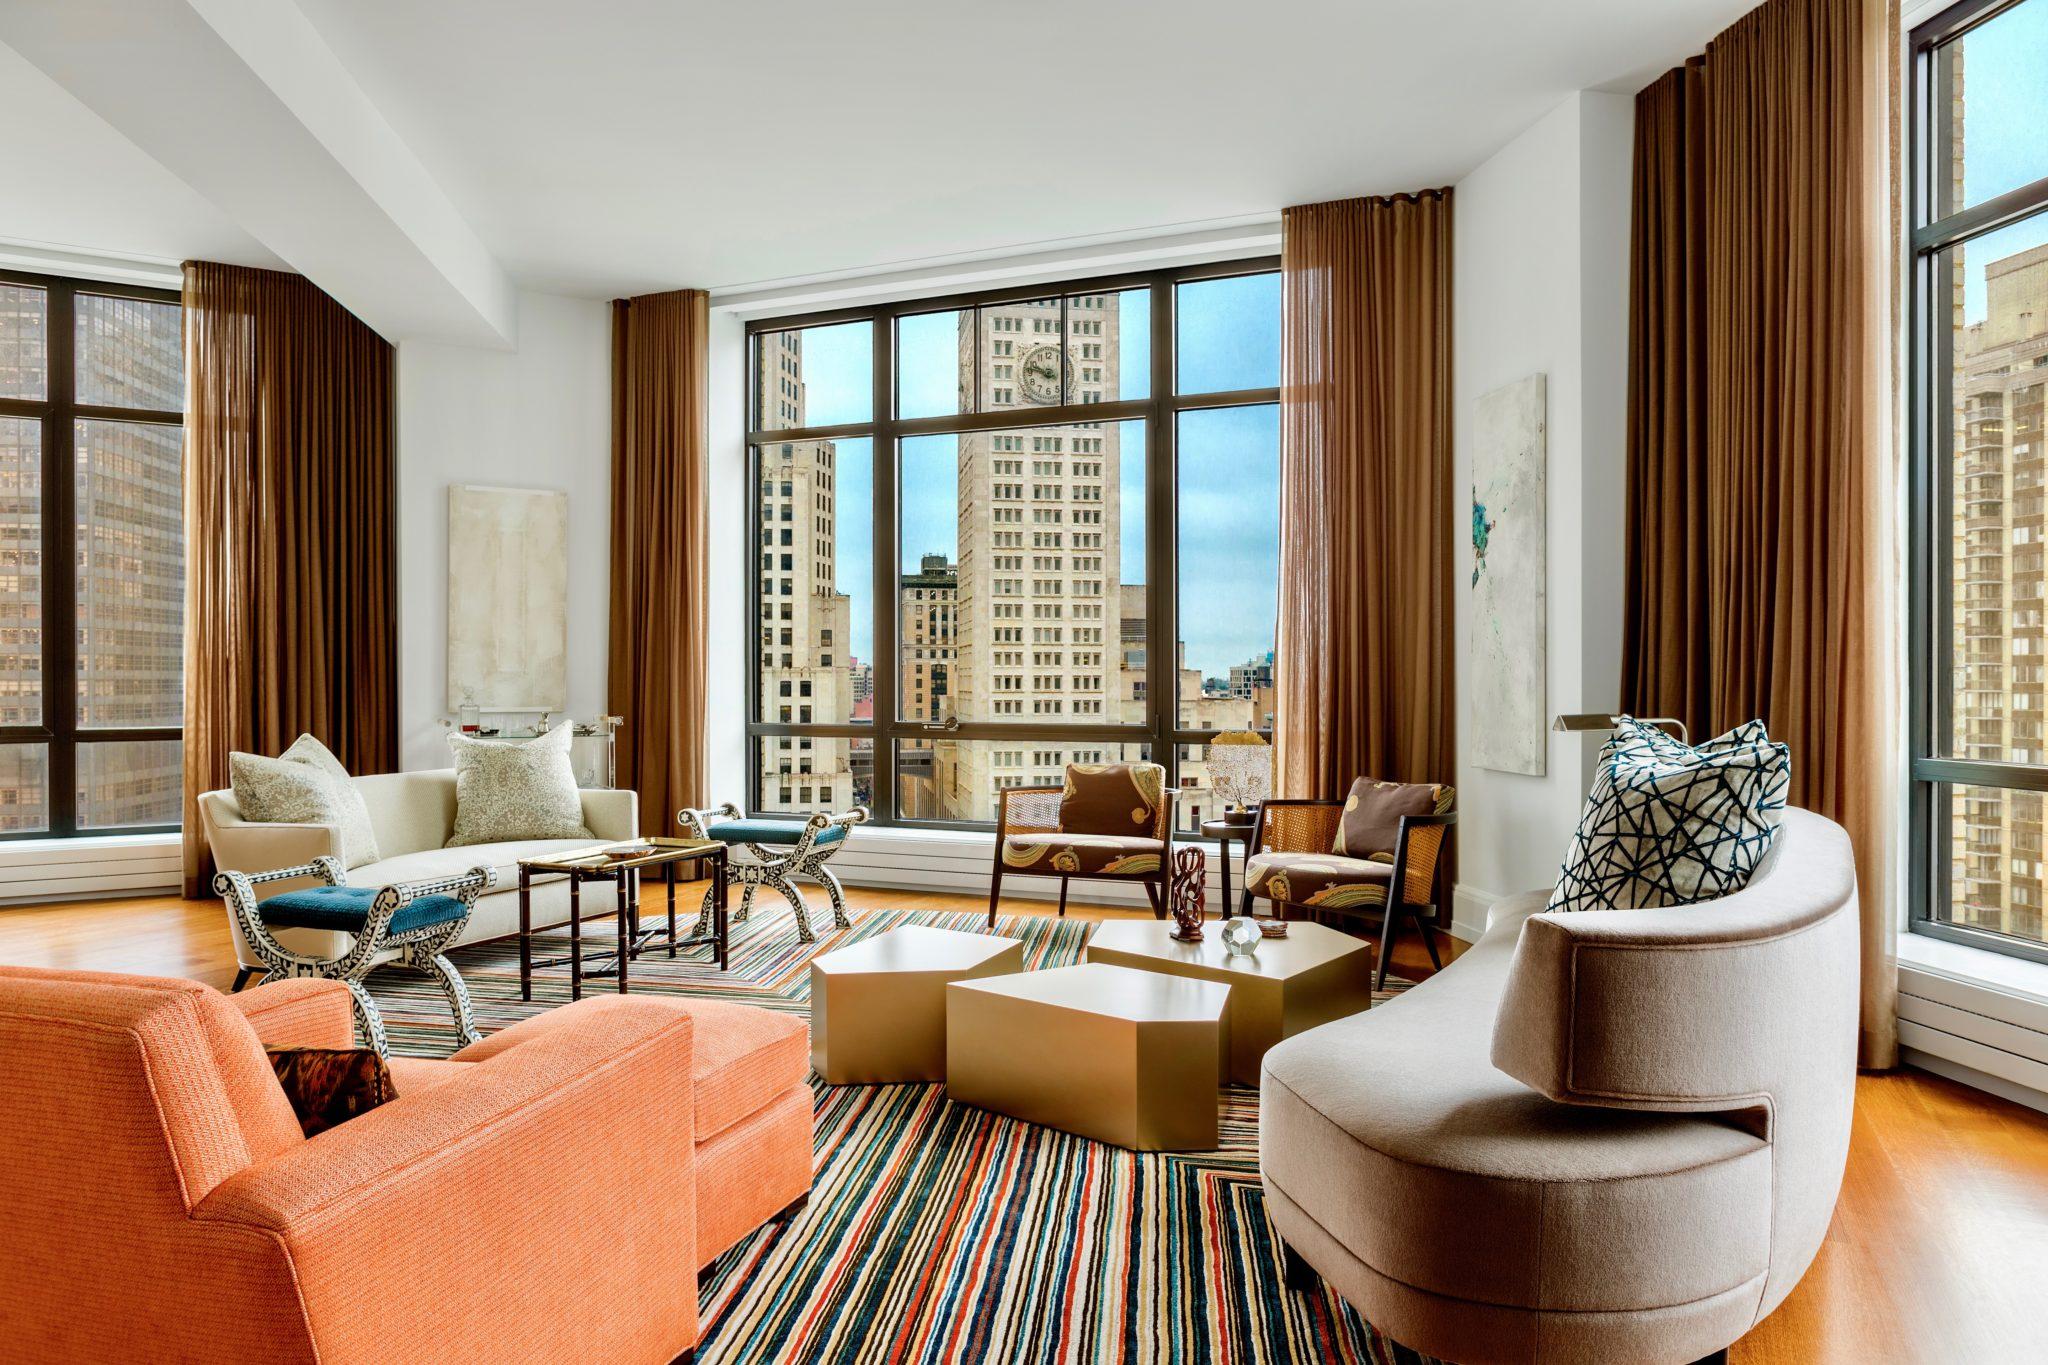 Cùng chiêm ngưỡng vẻ đẹp khó cưỡng của những căn phòng khách mang phong cách đương đại - Ảnh 9.